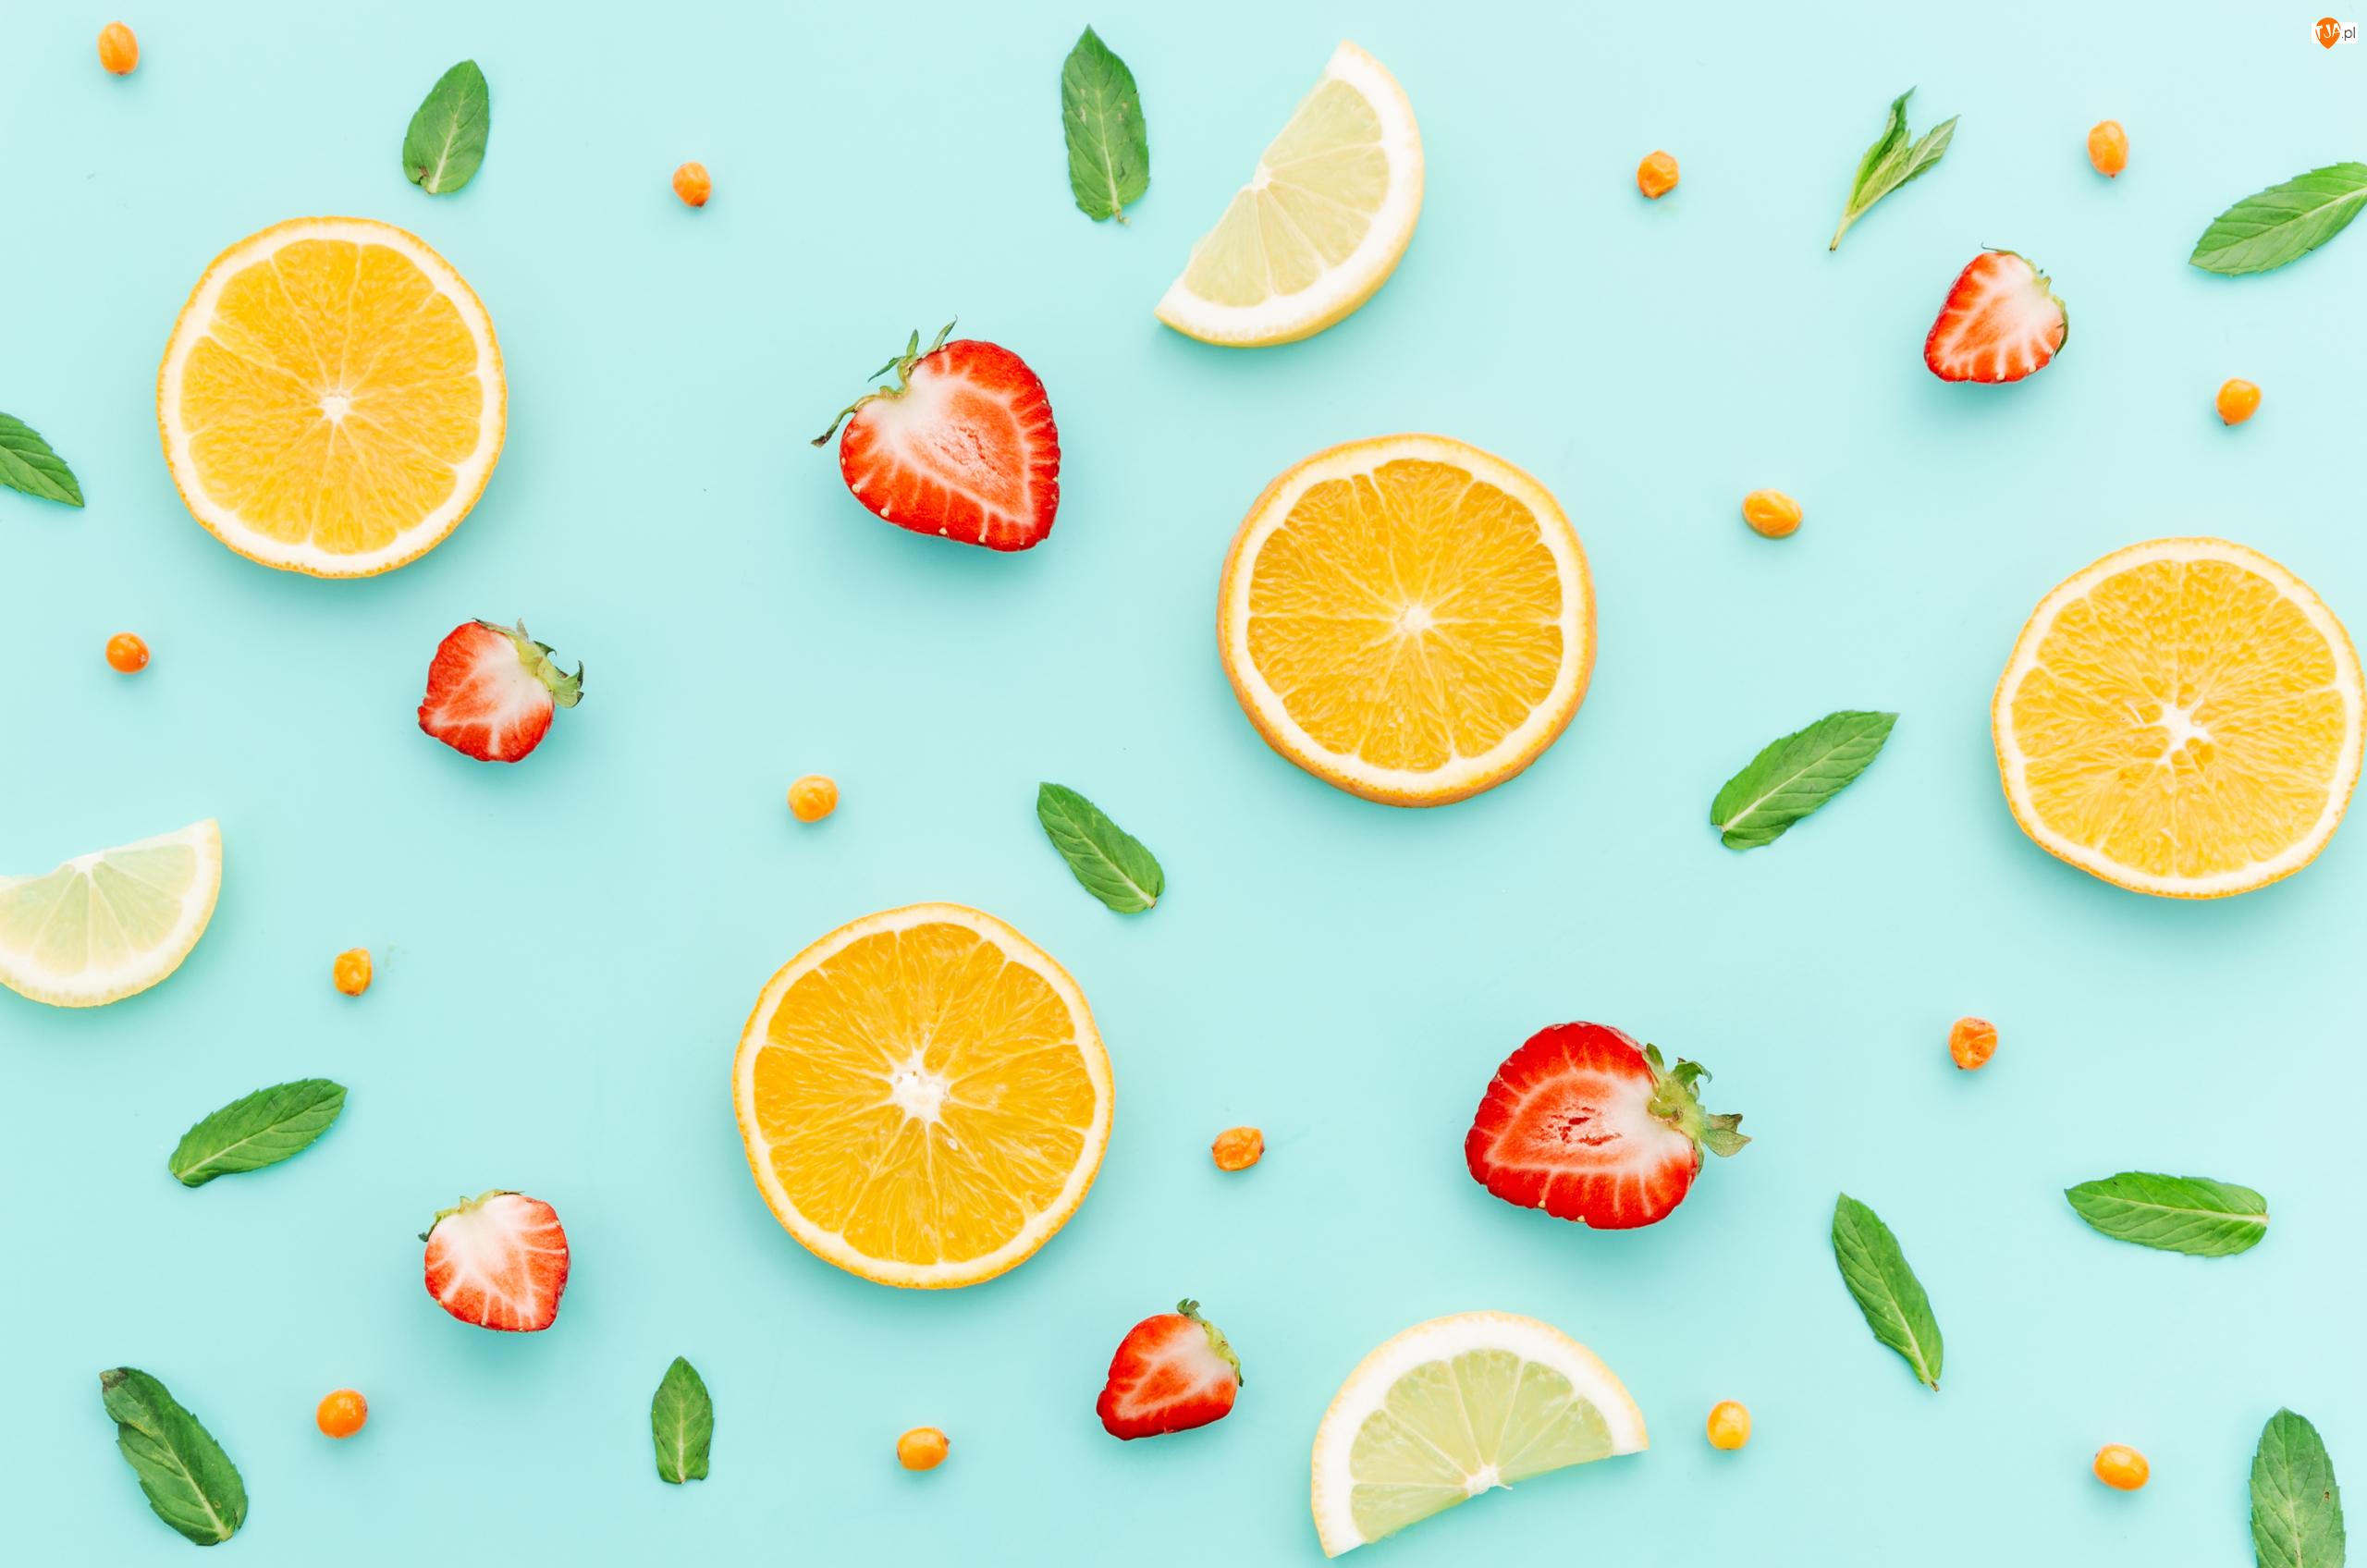 Cytryny, Listki.Mięty, Pomarańcze, Owoce, Truskawki